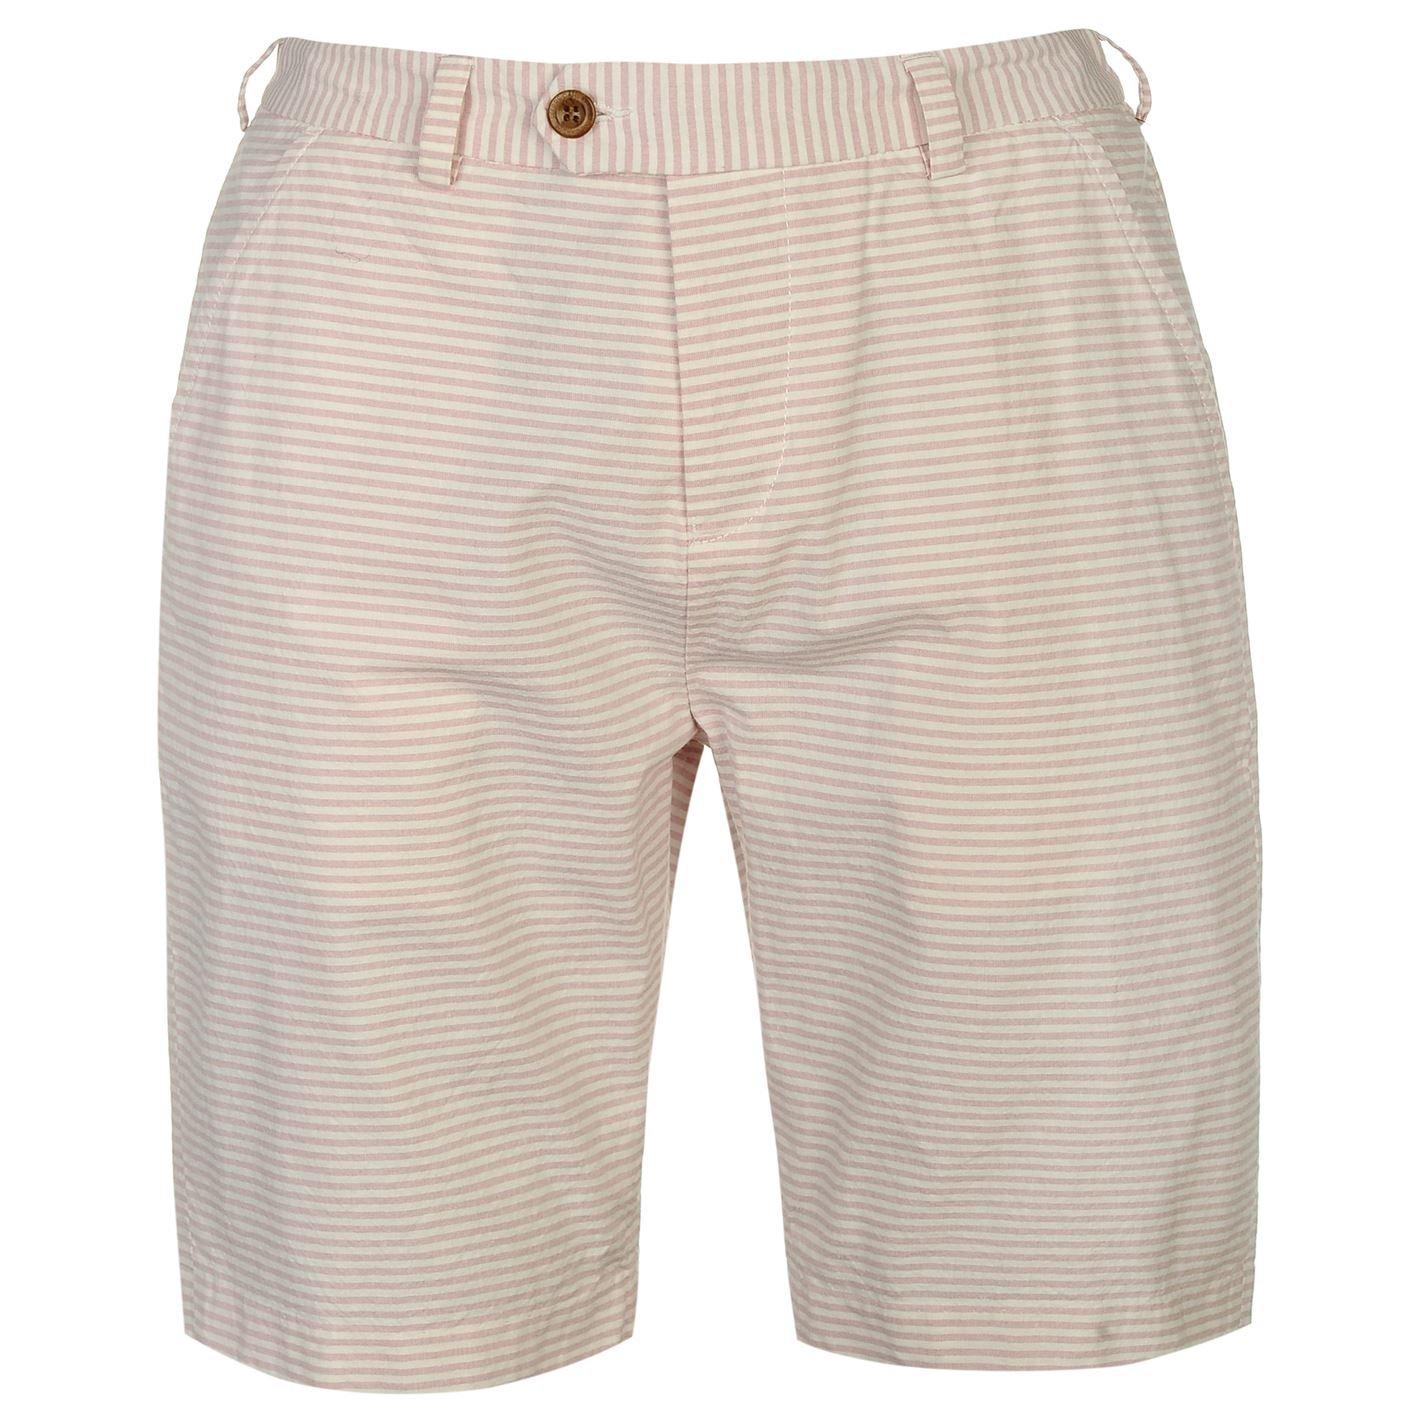 TALLA M. Pierre Cardin Hombre Shorts Ligeros 100% Algodón Casual Verano Hilado Teñido de Rayas - Multicolor - Mediano - XX Tamaños Grandes Disponibles